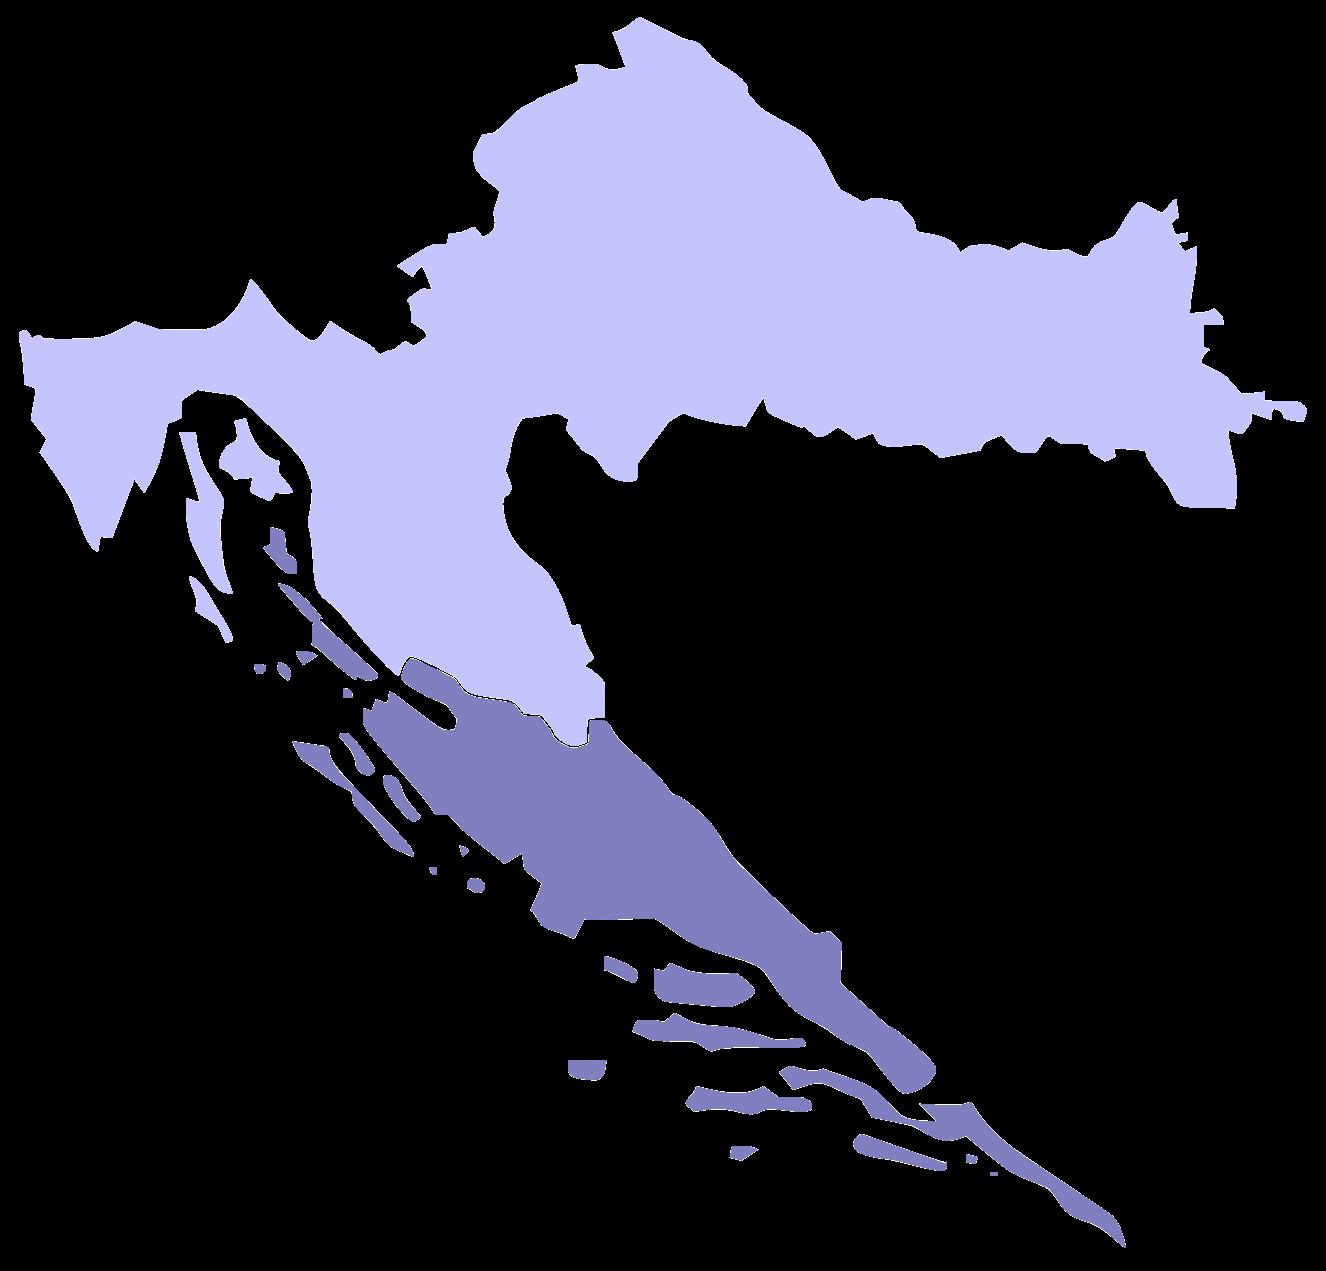 Image:Croatia-Dalmatia